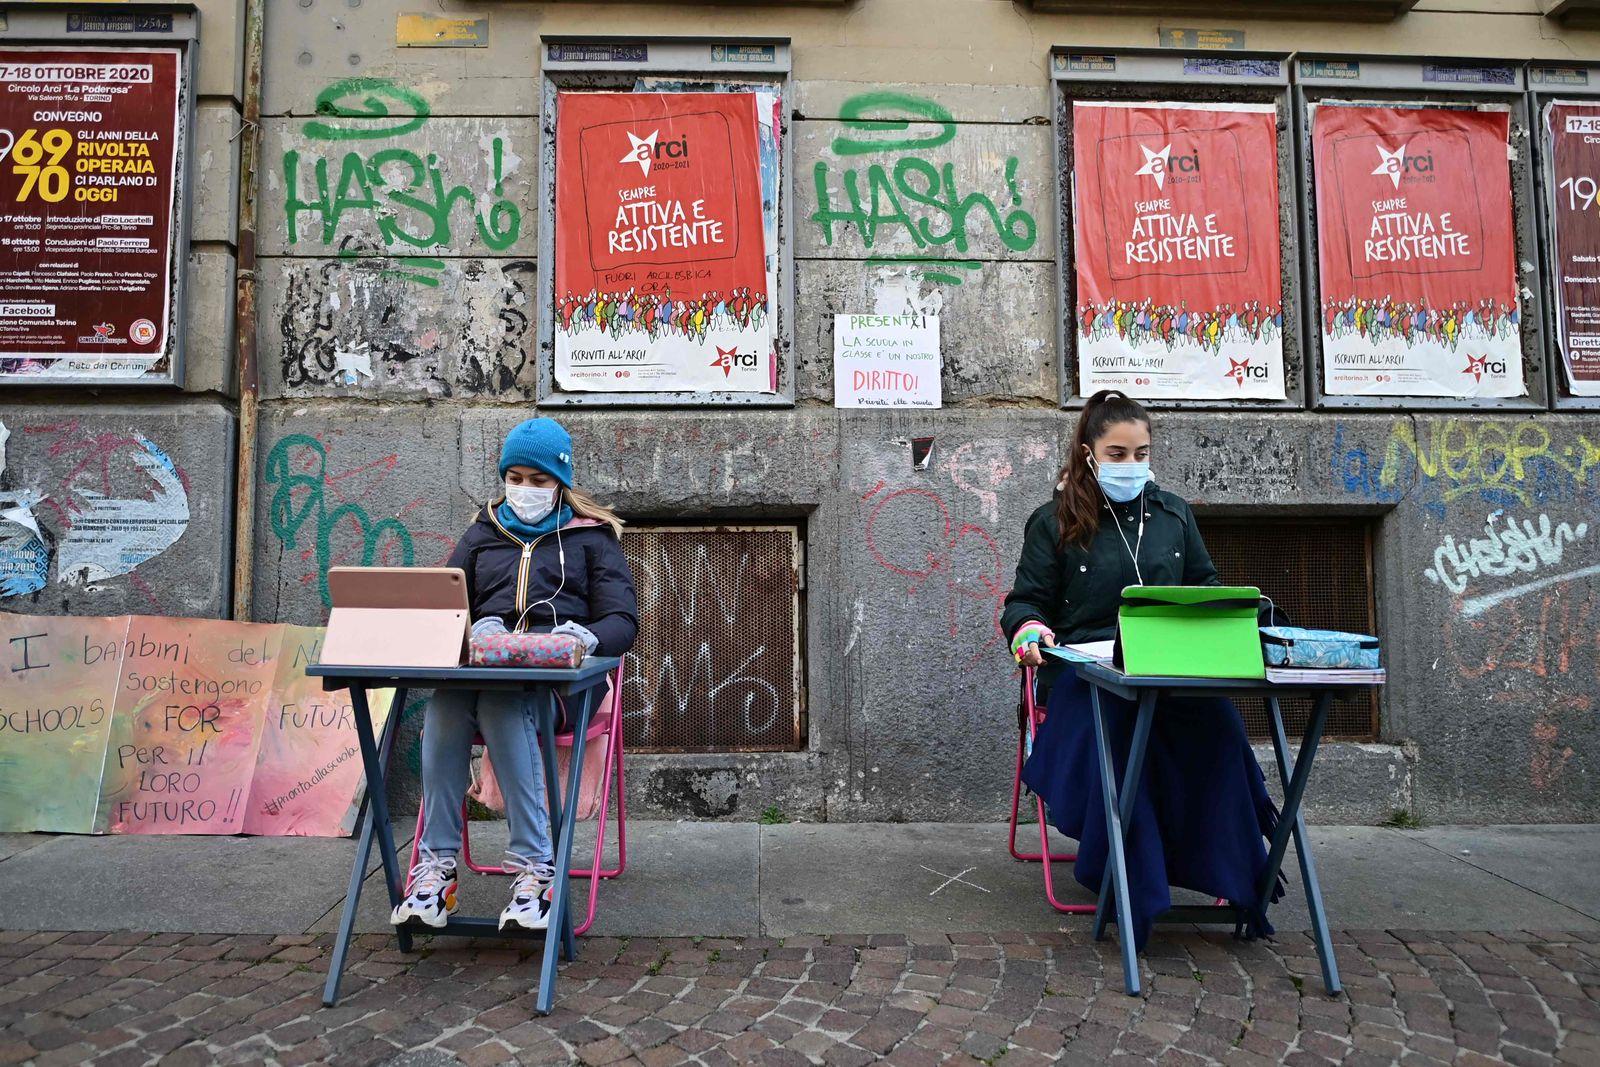 ITALY-HEALTH-VIRUS-SCHOOL